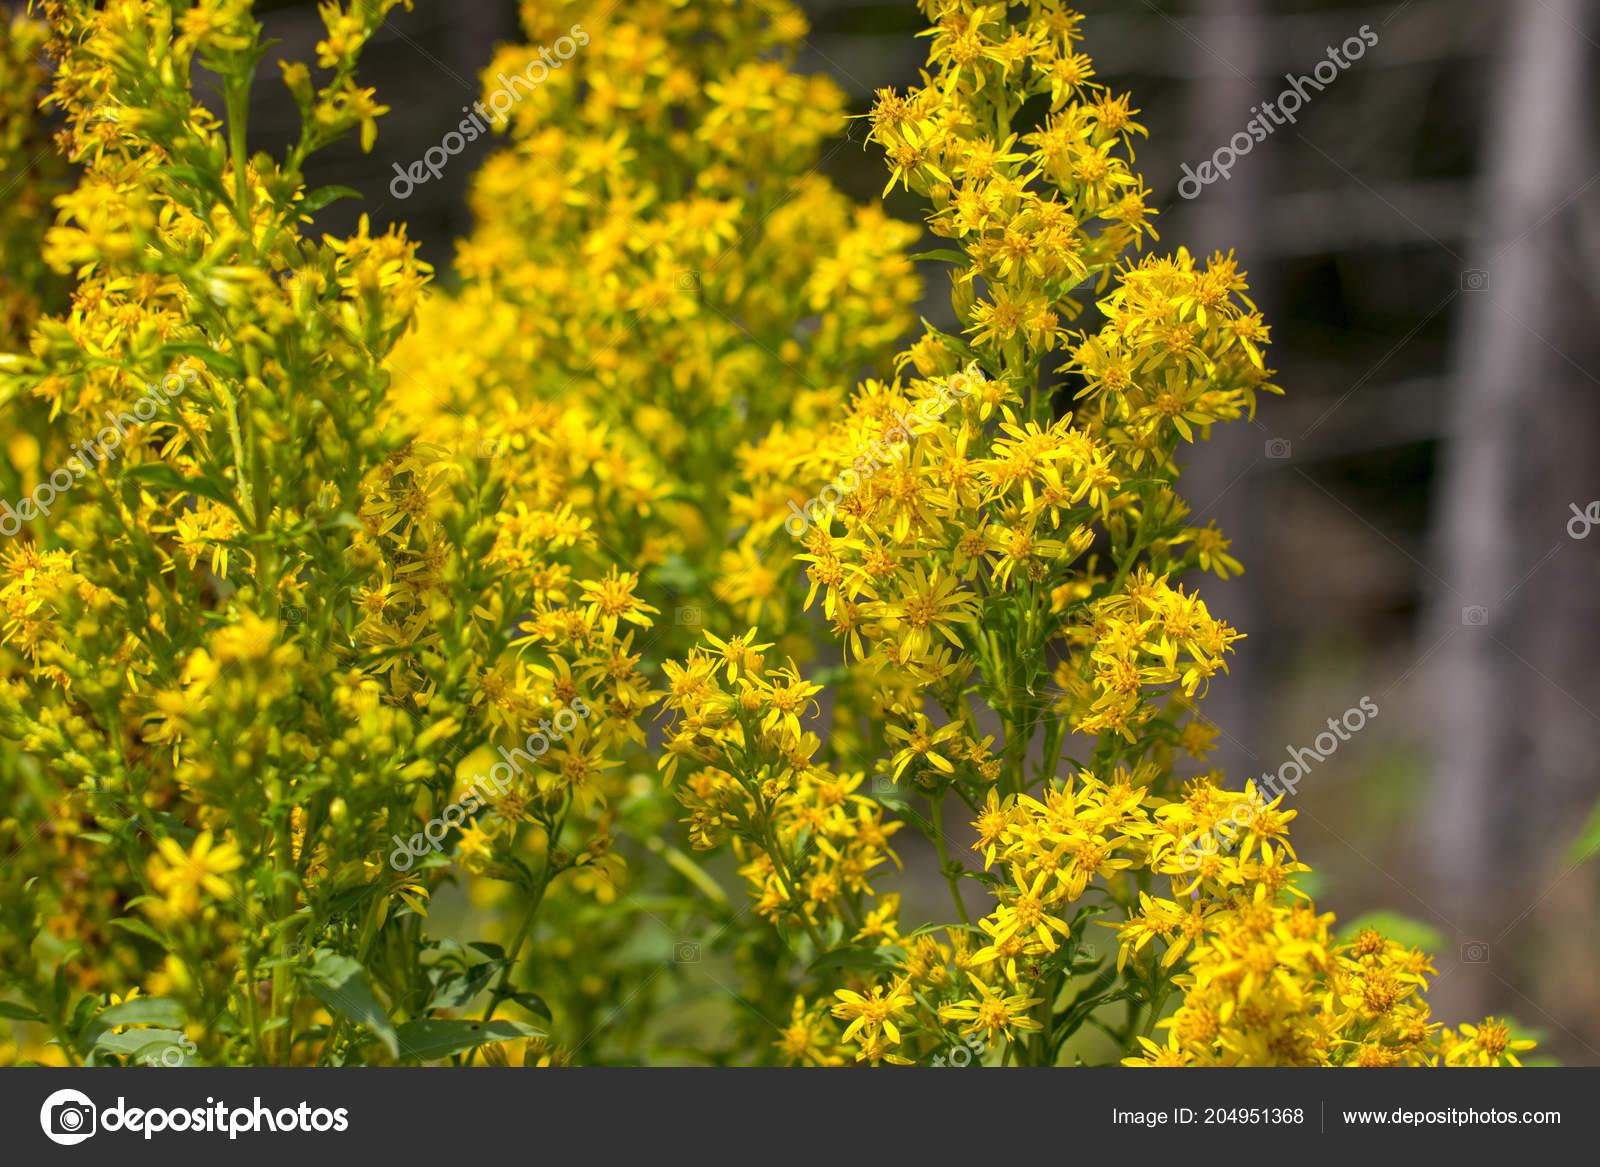 John Wort Yellow Healing Flower Medicinal Healing Herbs Hypericum